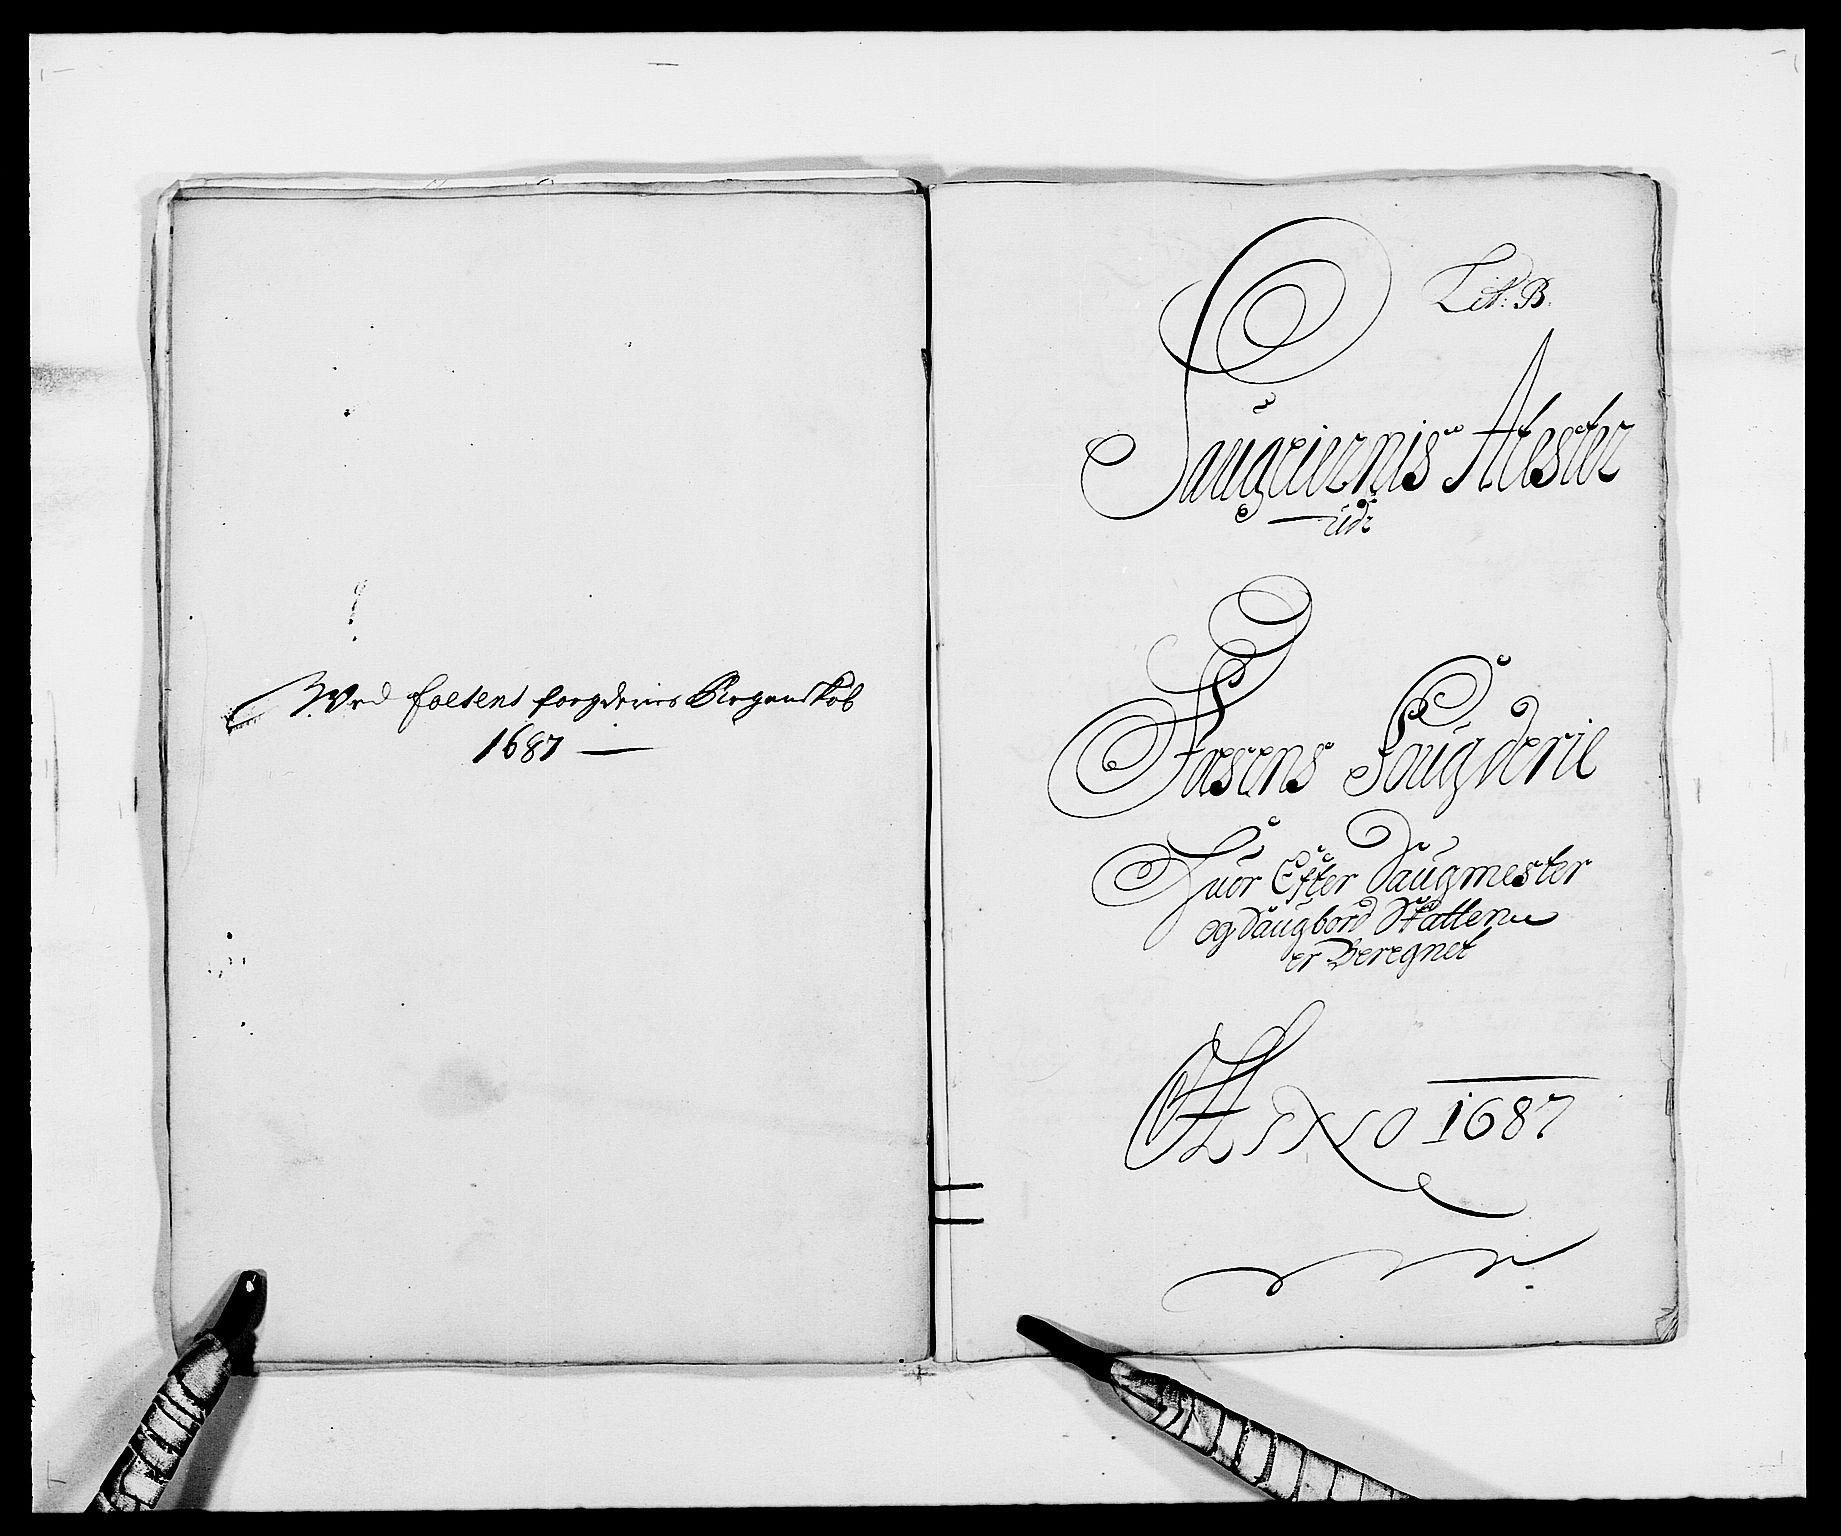 RA, Rentekammeret inntil 1814, Reviderte regnskaper, Fogderegnskap, R57/L3845: Fogderegnskap Fosen, 1687, s. 20